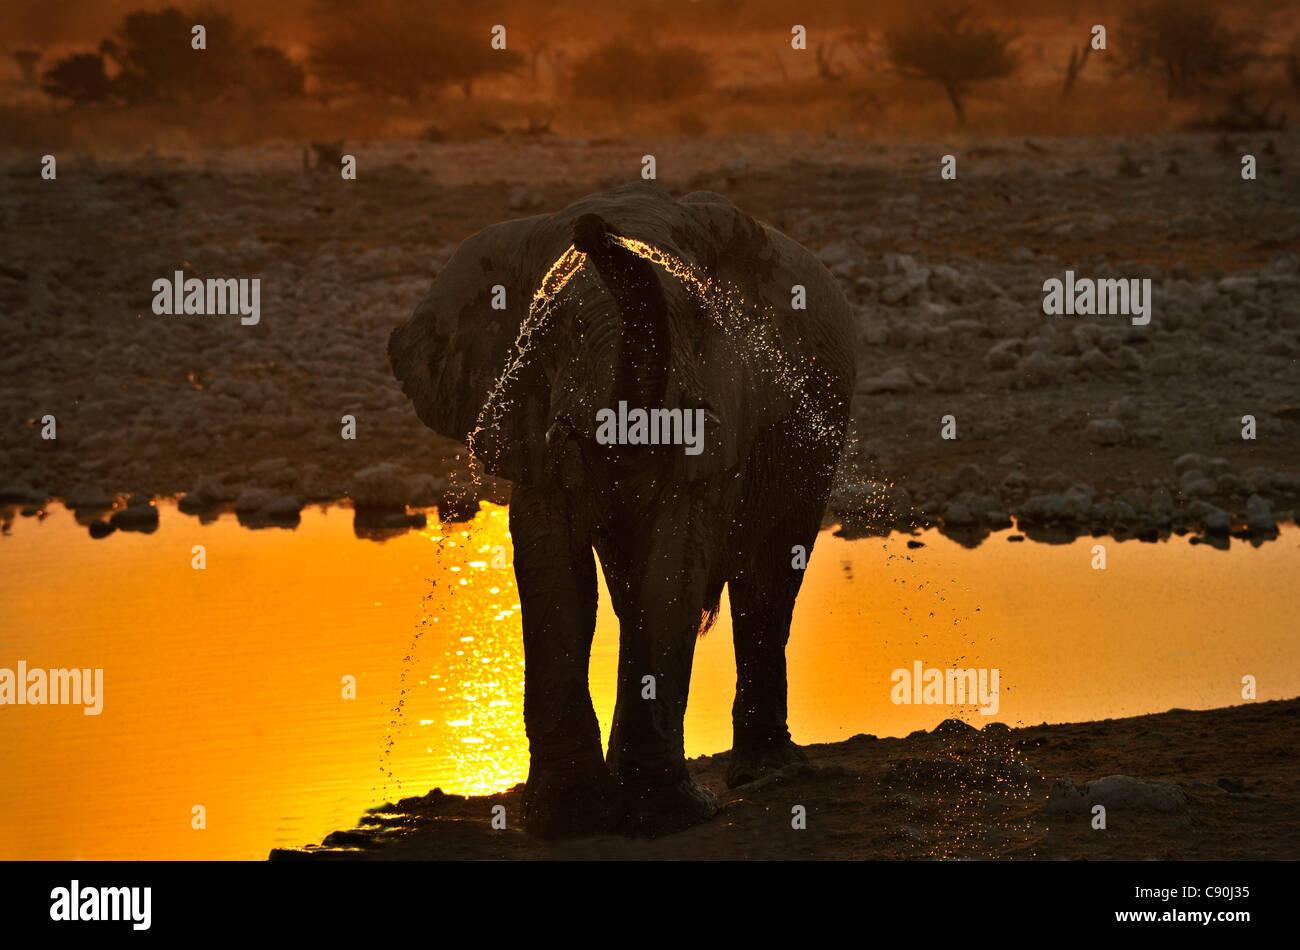 Elephant at waterhole at sunset, Etosha National Park, Namibia, Africa - Stock Image